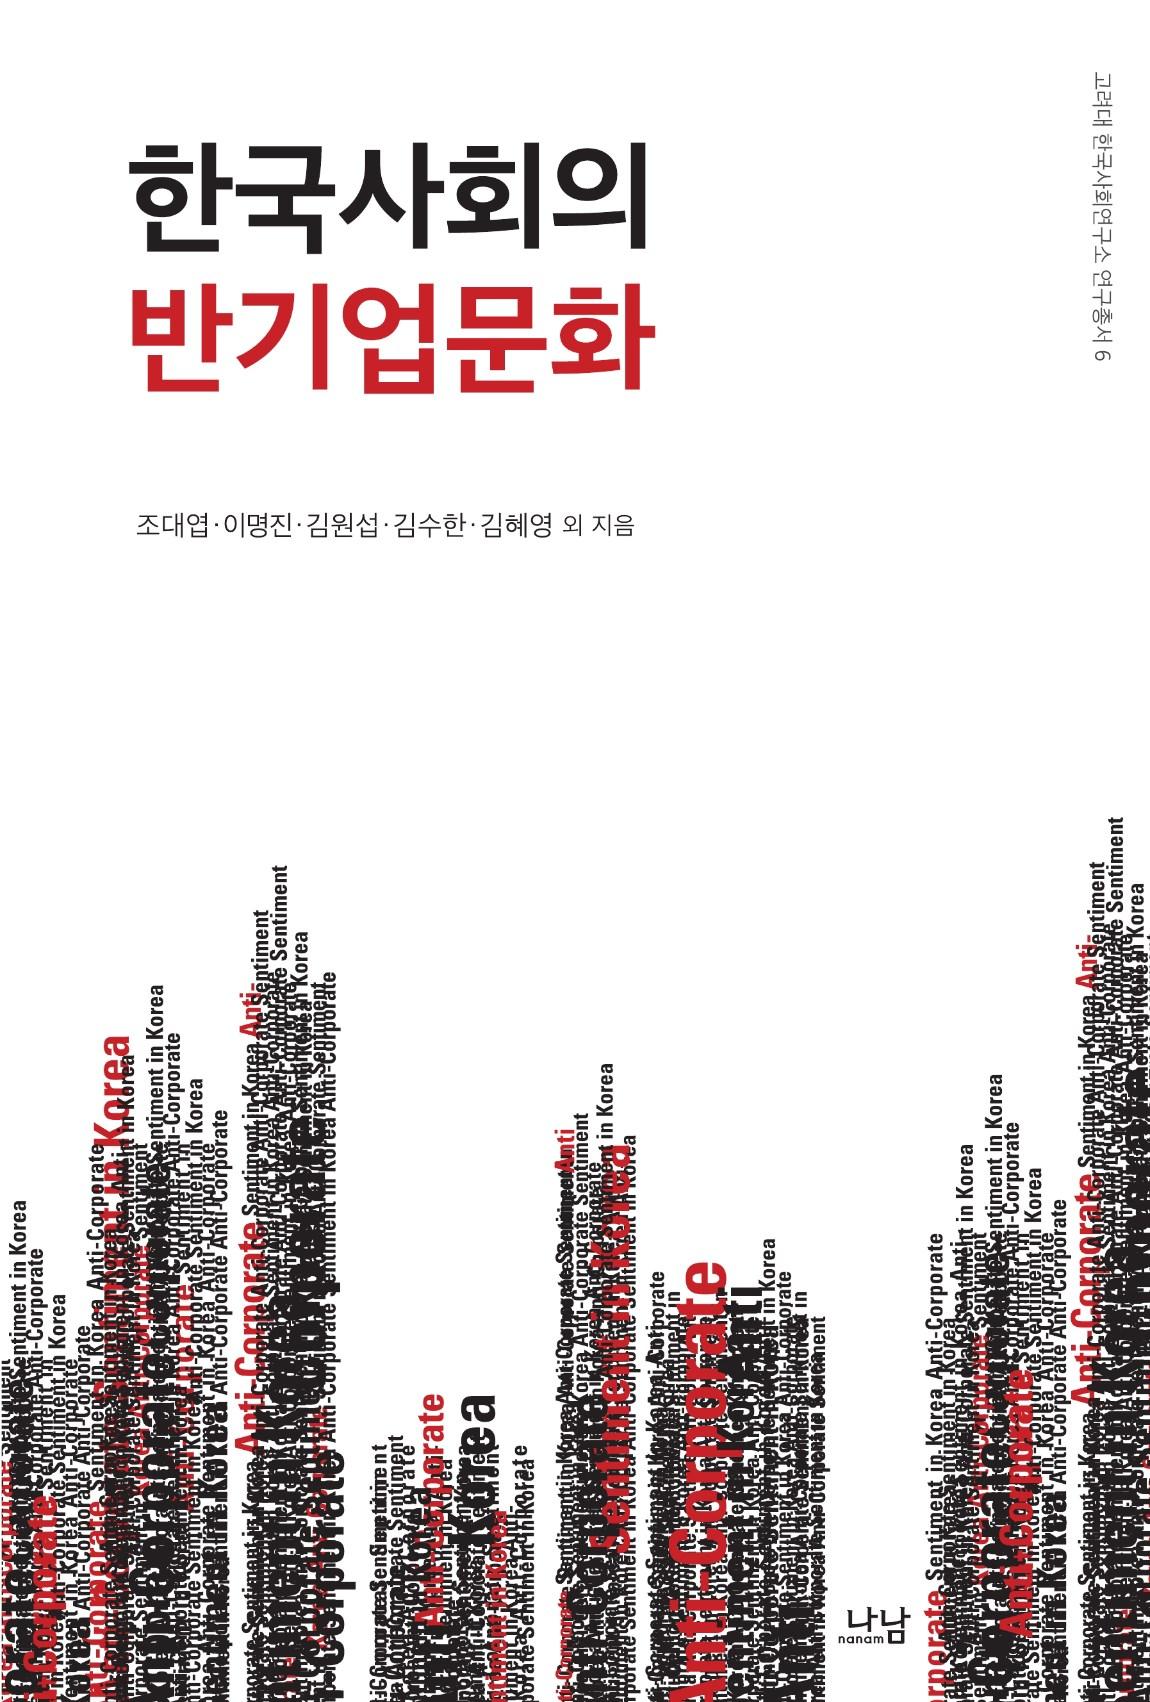 한국사회의 반기업문화(나남).jpg